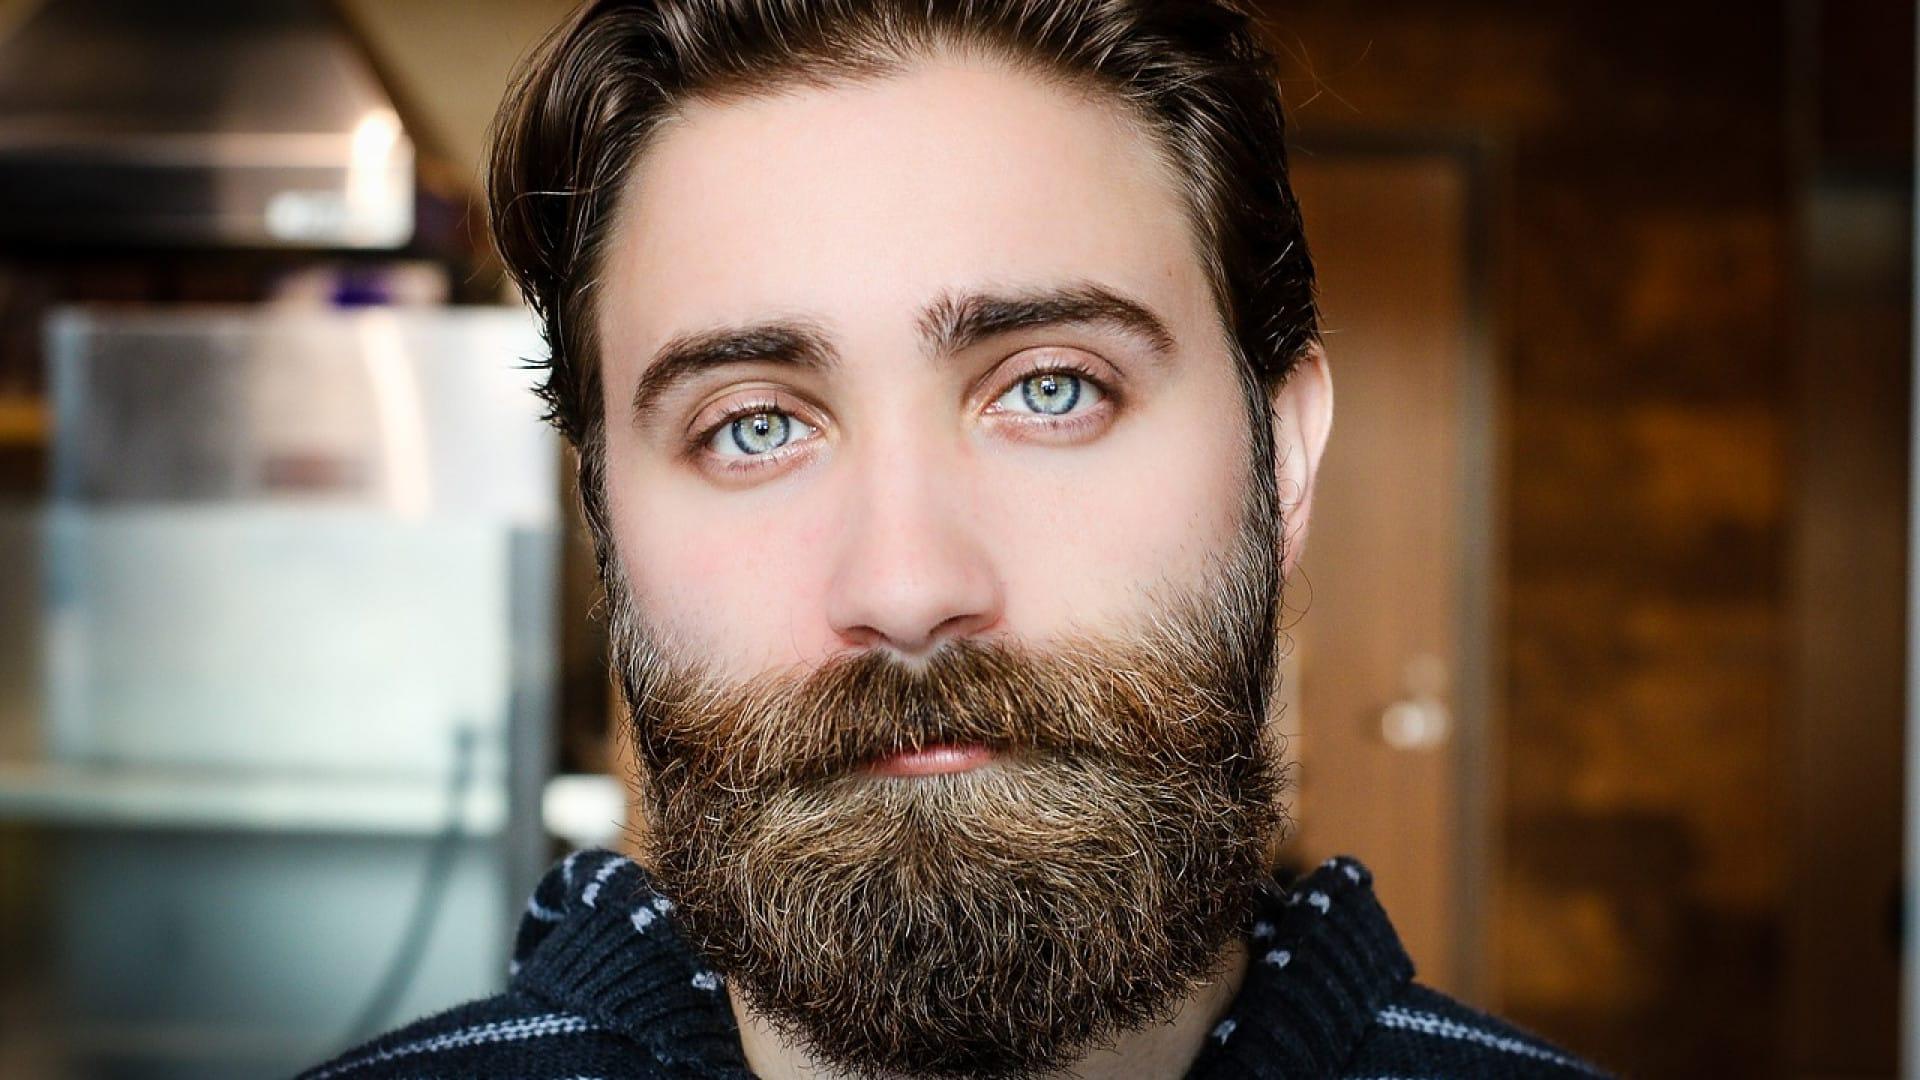 Pourquoi devez-vous utiliser la baume à barbe ?